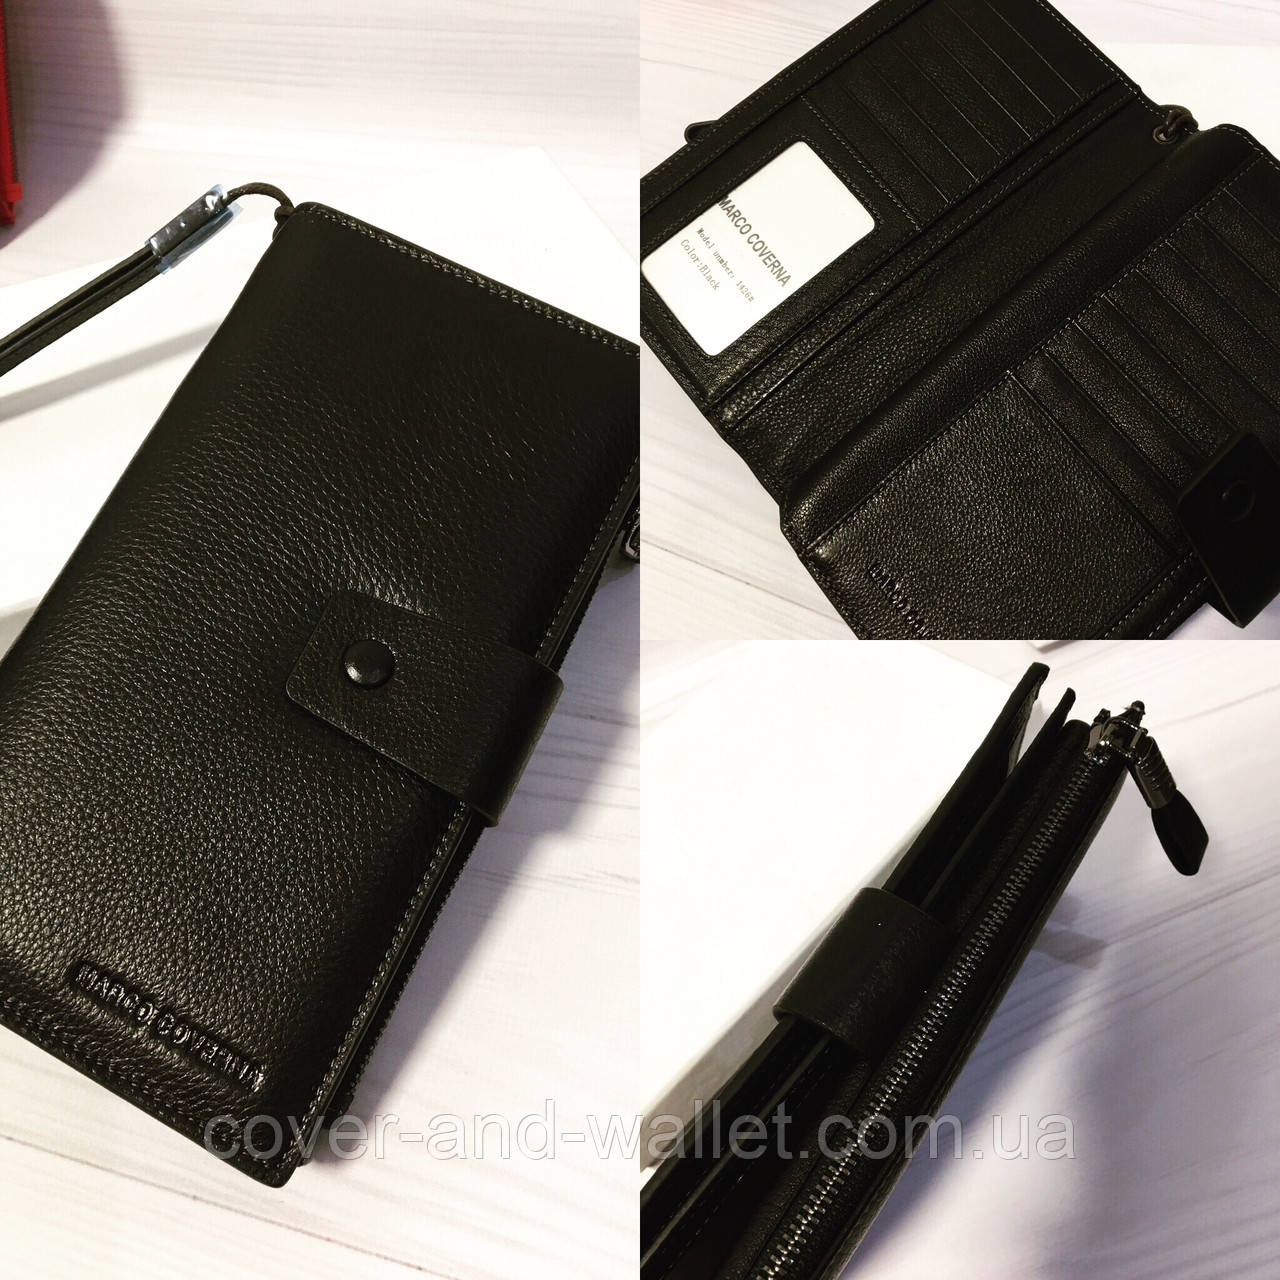 5647269db8d7 Стильный кожаный кошелек клатч черного цвета Marco Coverna - cover and  wallet (обложка и кошелек